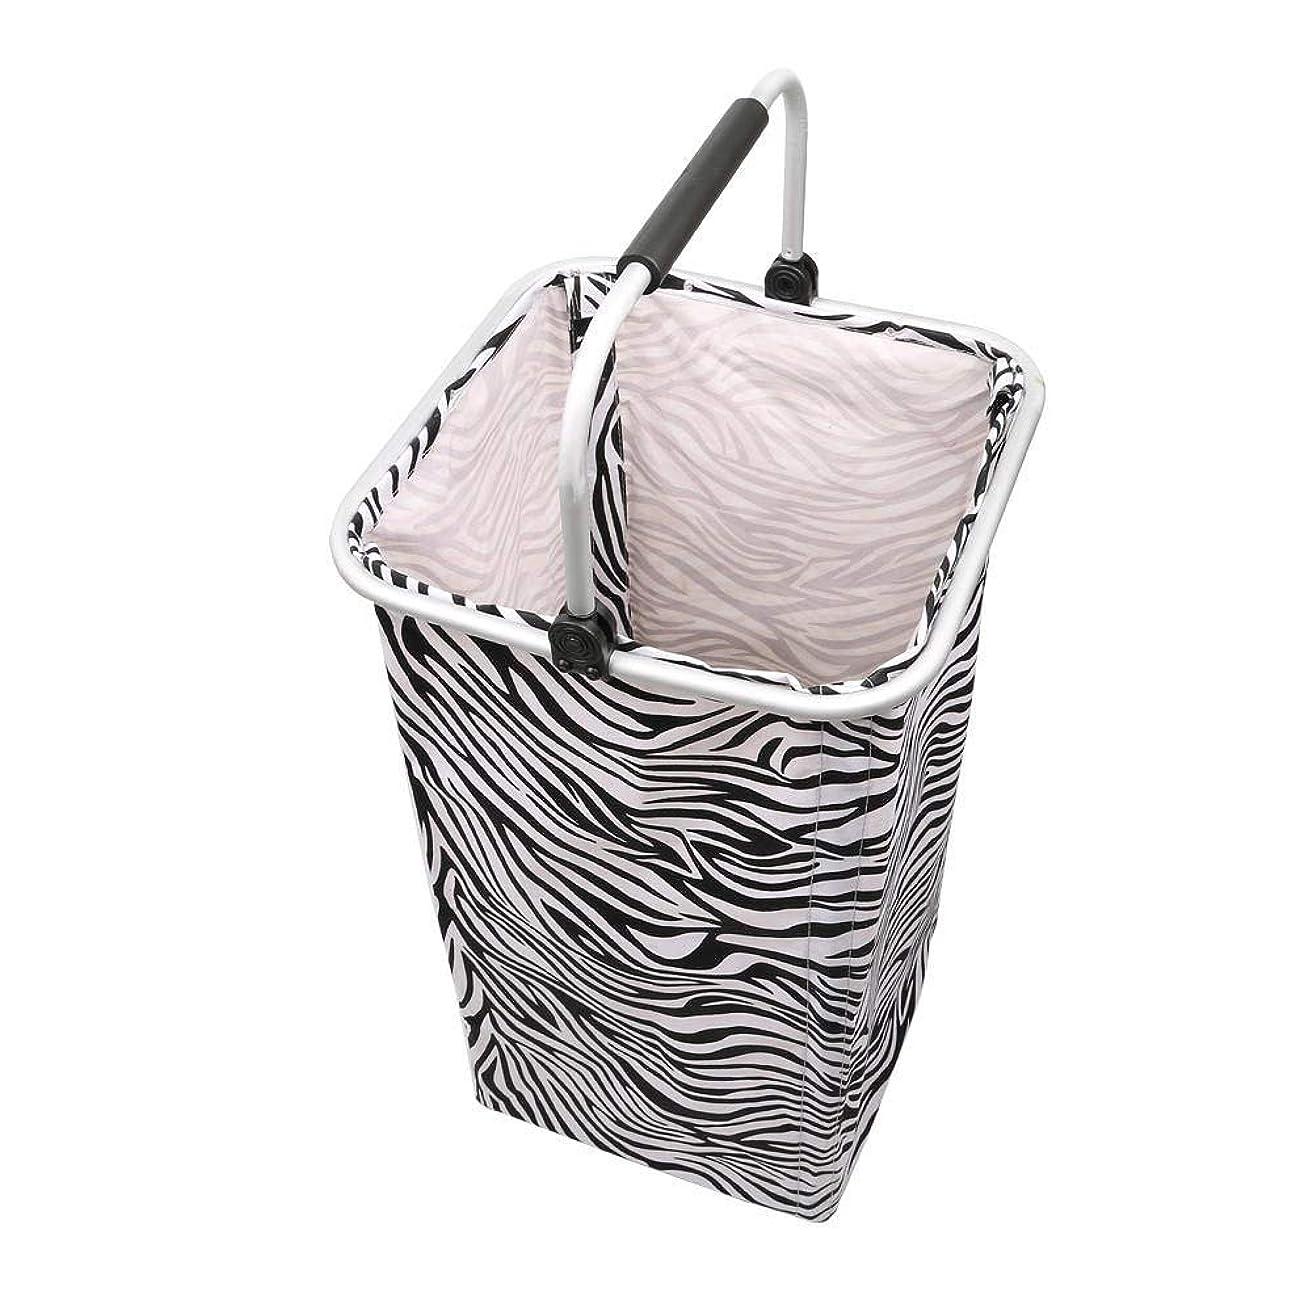 シフト支援真剣にLYgMV 家庭用品衣類収納ボックス、環境に優しい布防水洗濯かご、携帯用折りたたみ収納補助具 (Style : 1)